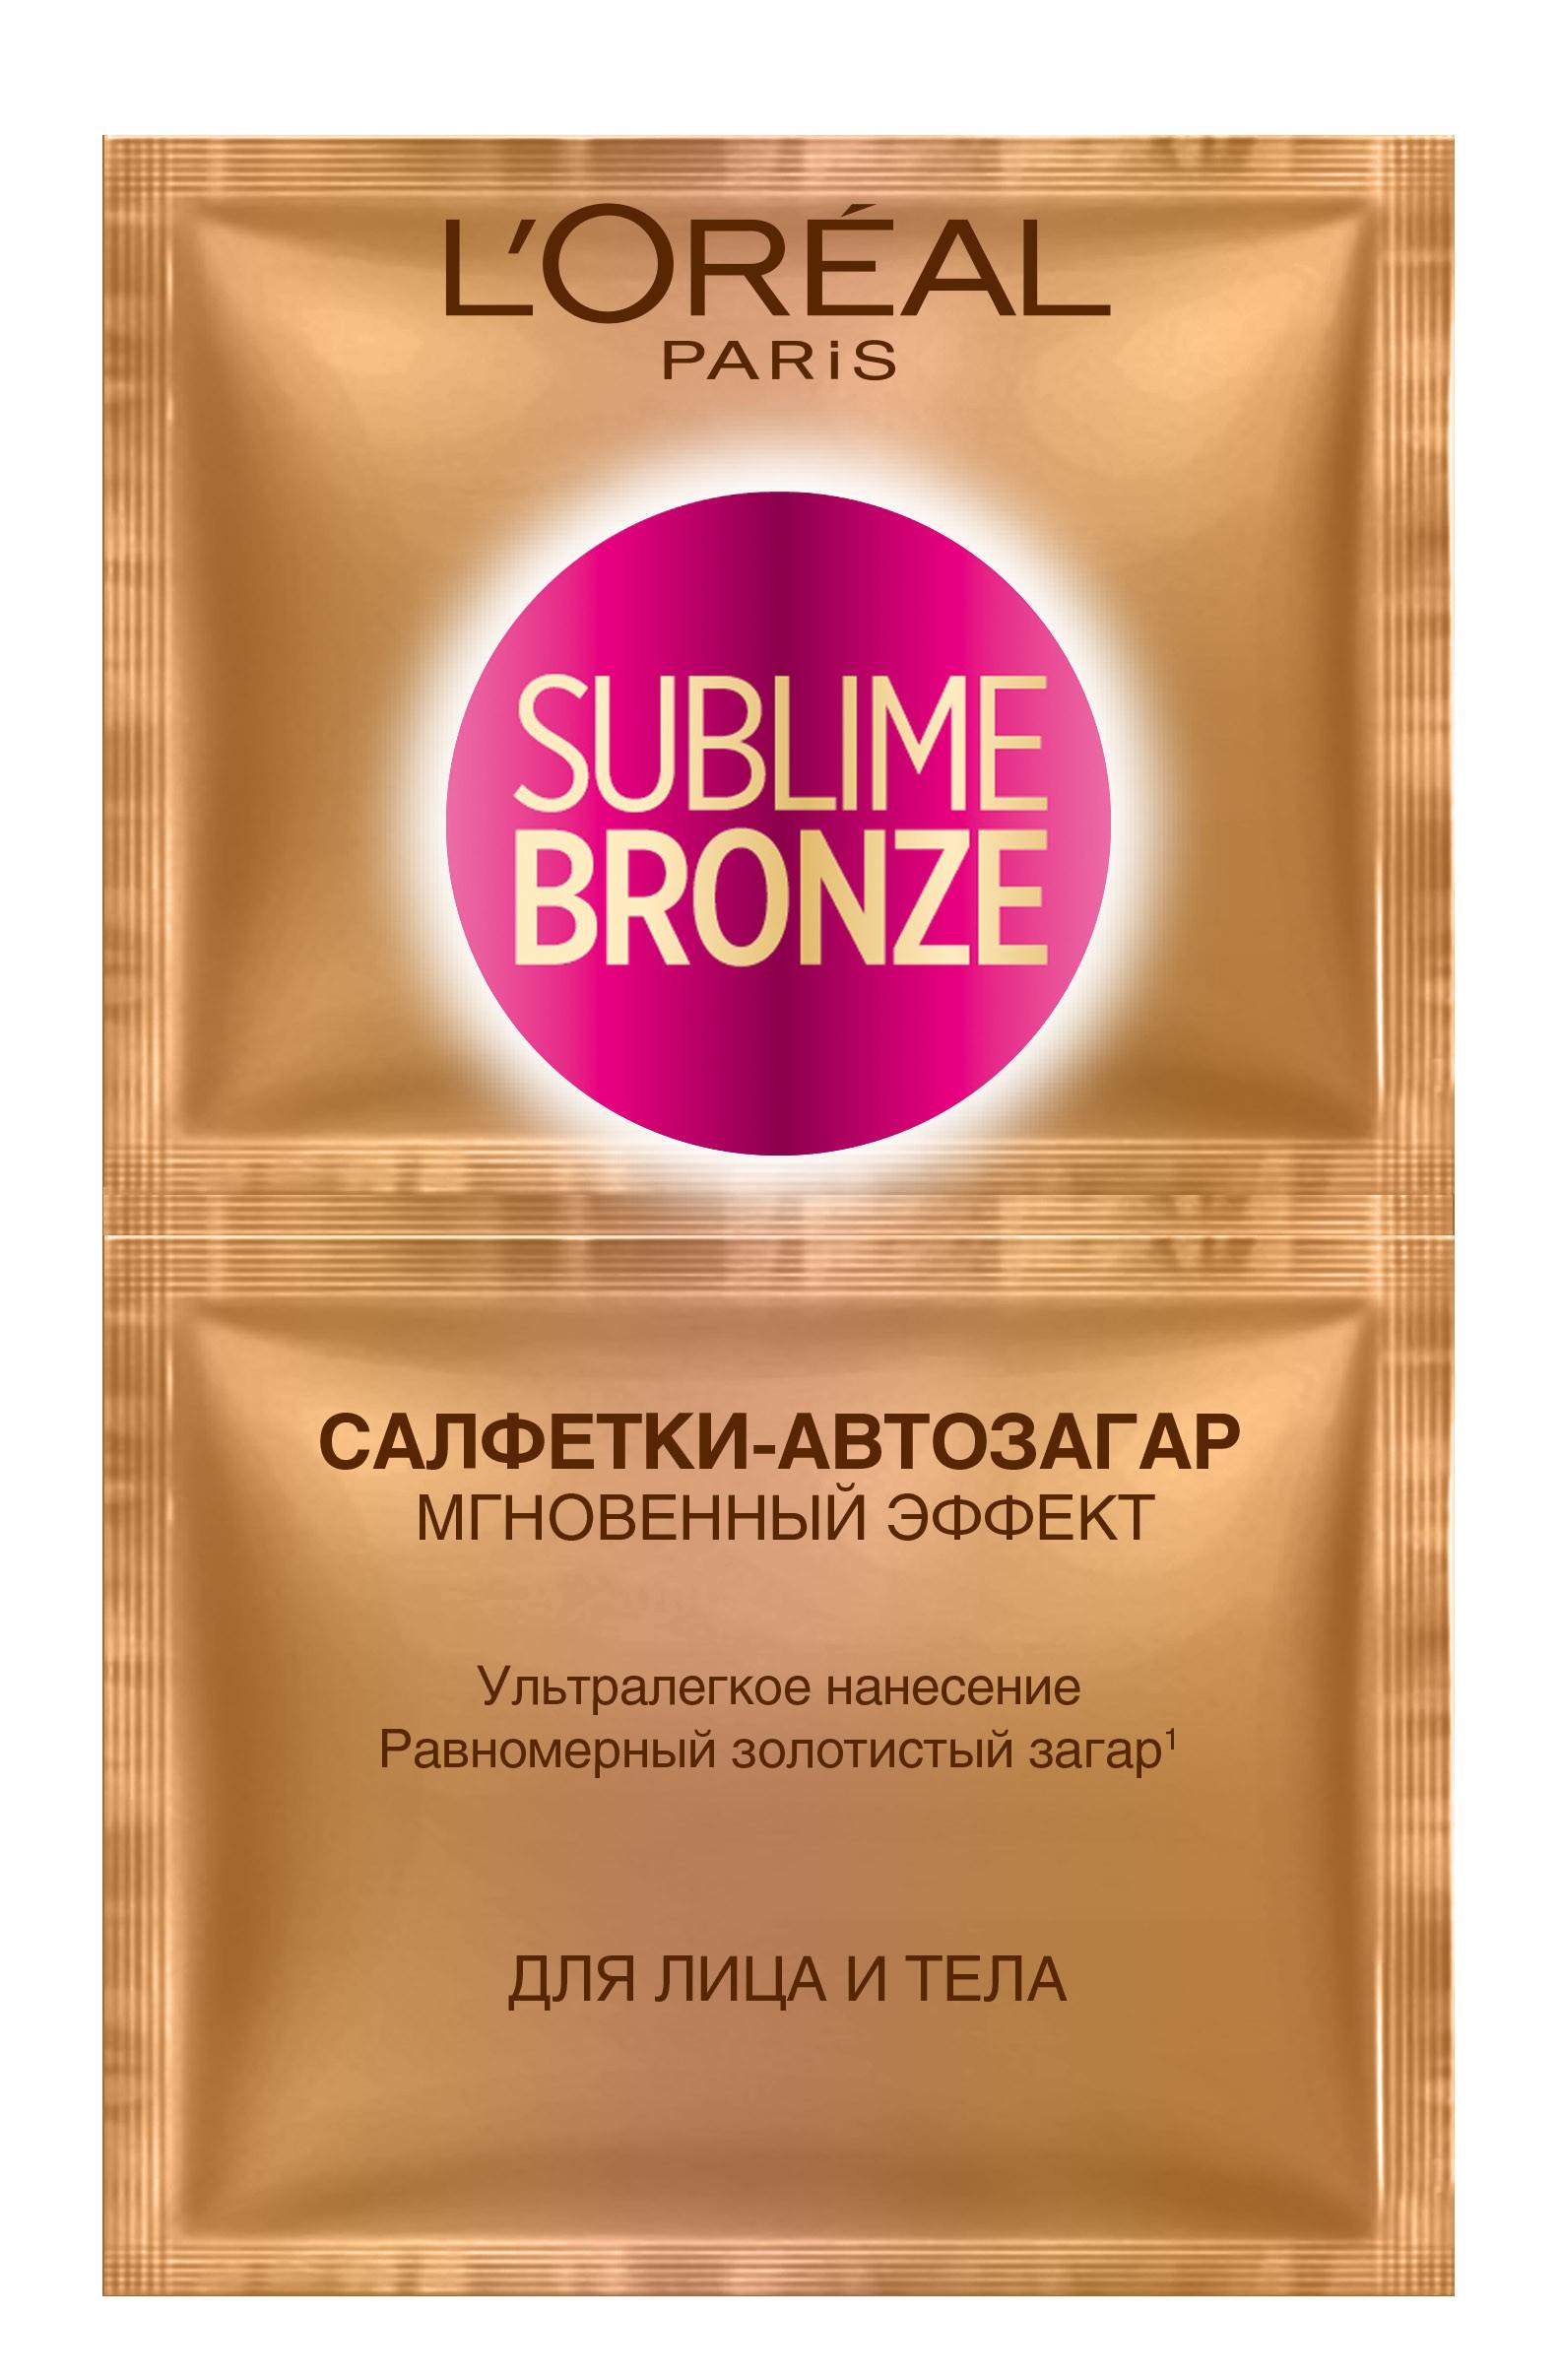 LOreal Paris Sublime Bronze Салфетки-автозагар, для лица и тела, 2 х 5,6 млA8775900Новый формат автозагара - салфетки LOreal Paris Sublime Bronze, которые обеспечивают быстрое ультралегкое нанесение и позволяют получить равномерный, золотистый, сияющий загар без пятен. Простой и удобный формат даже для тех, кто впервые использует автозагар. Ее тканая текстура позволяет равномерно нанести автобронзант на кожу, включая труднодоступные зоны (лодыжки, колени). В состав формулы салфетки входят отшелушивающие частицы, которые выравнивают поверхность кожи для получения равномерного загара. Салфетки содержат оптимальную концентрацию автобронзирующих компонентов, чтобы придать коже золотистый оттенок уже после первого применения.